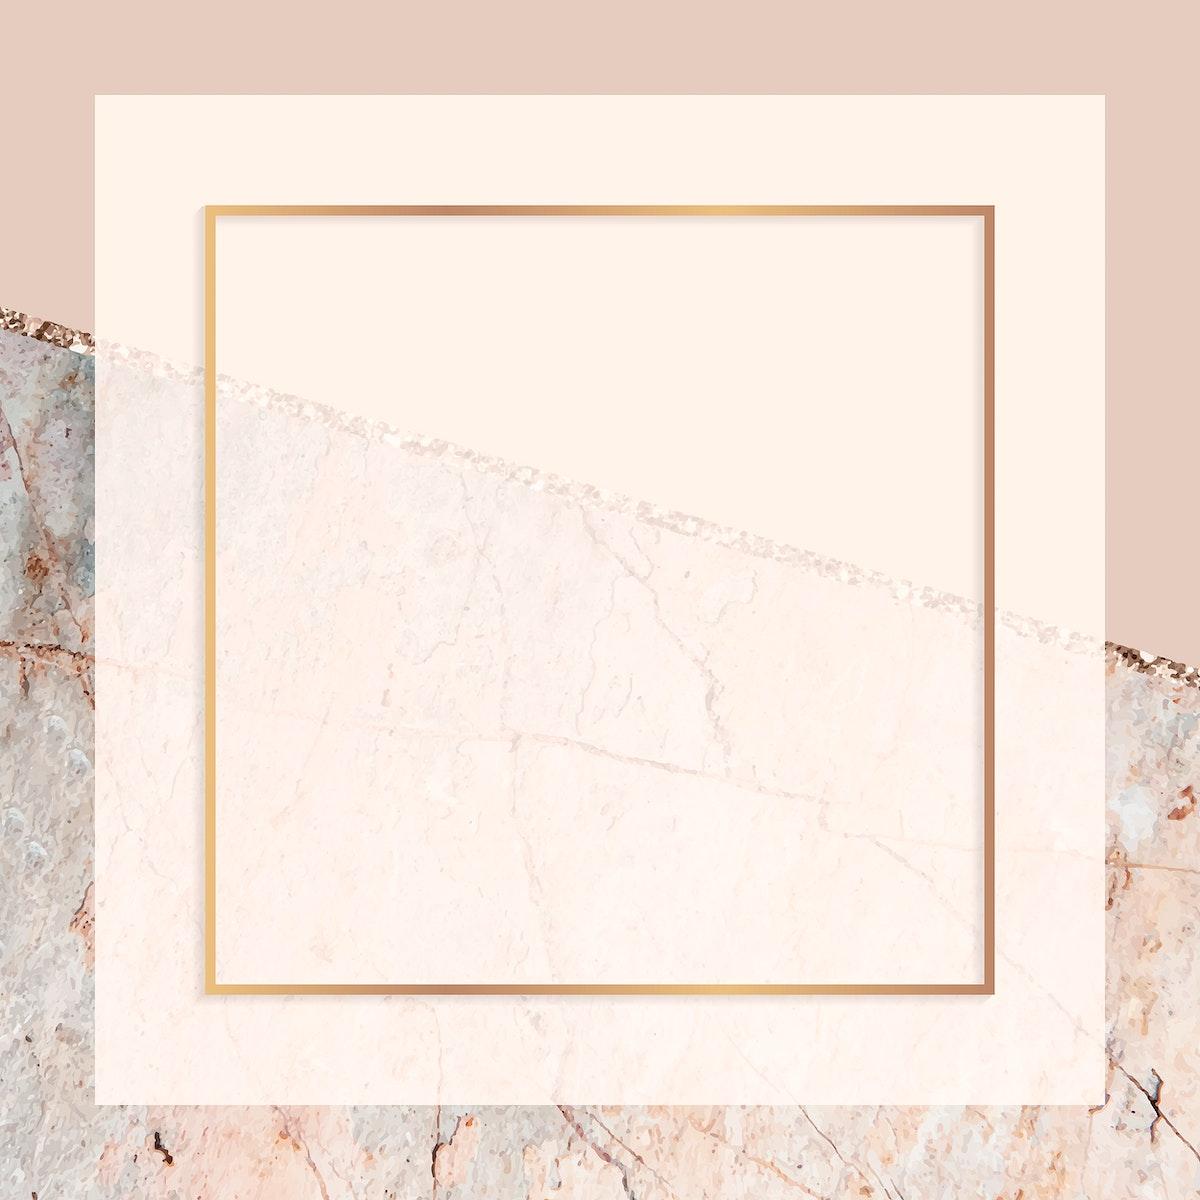 Rectangle frame on pastel orange marbled background vector